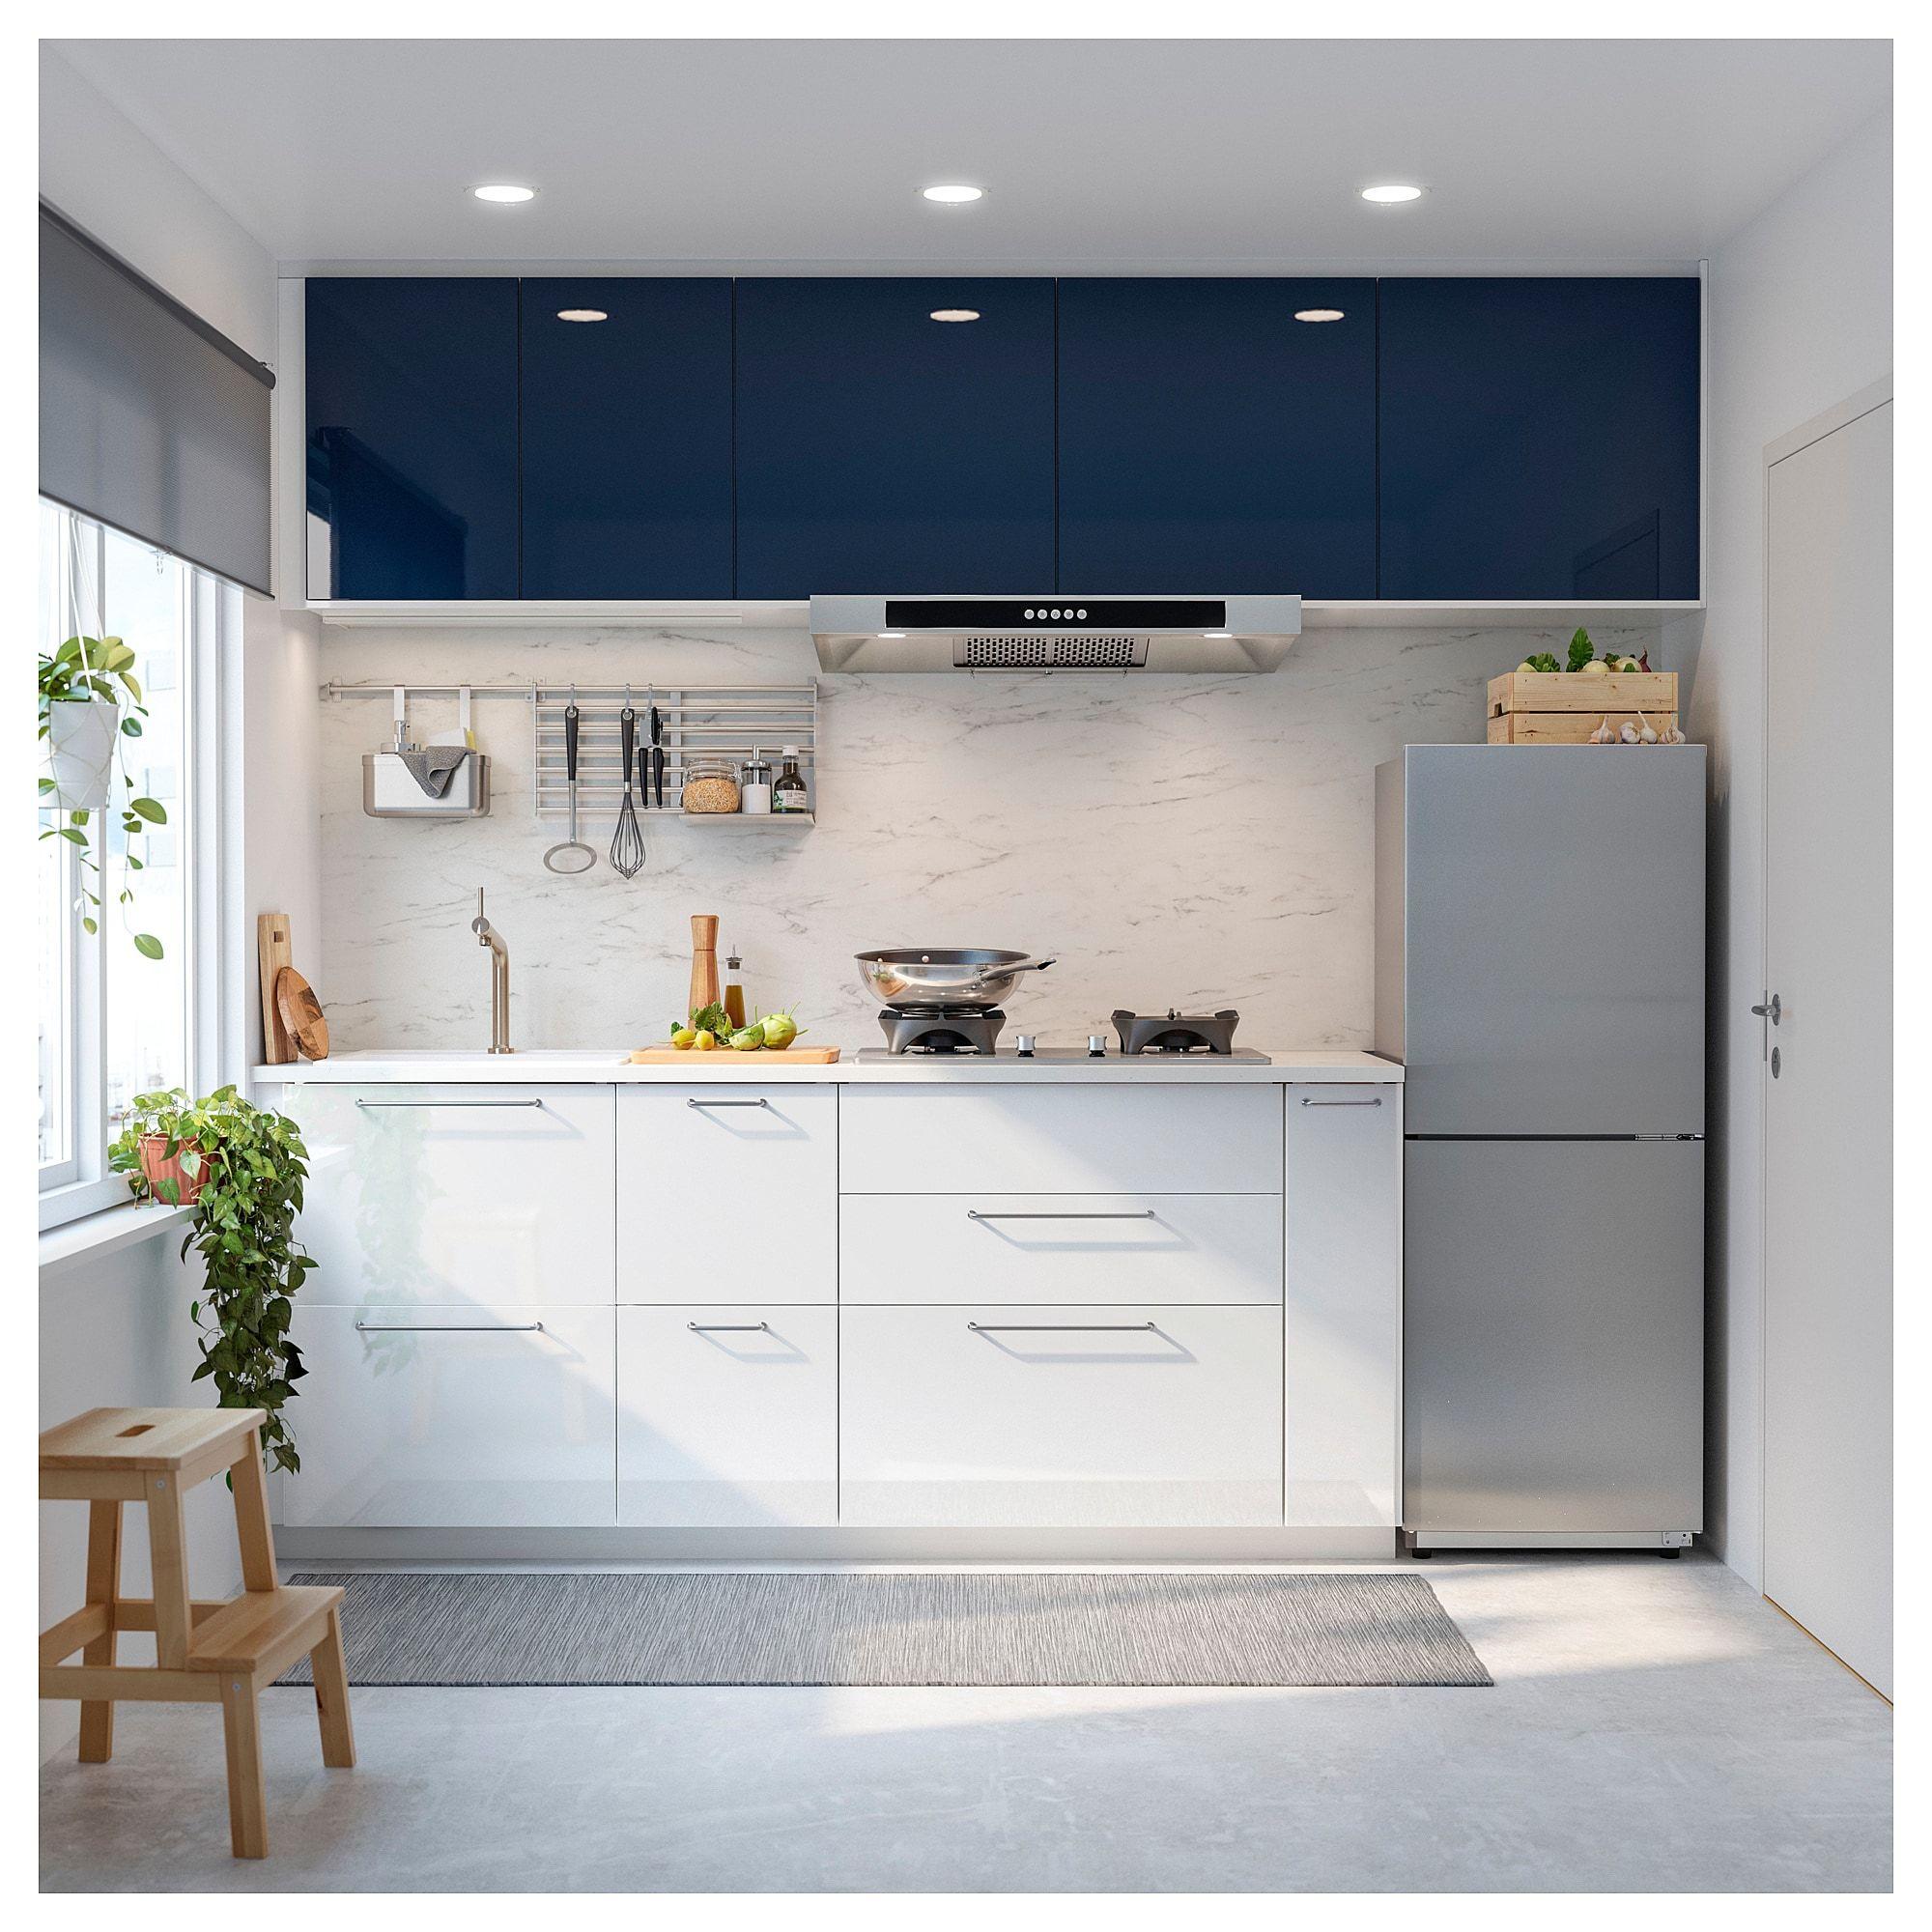 Sibbarp Wandpaneel Massgefertigt Weiss Marmoriert Laminat Ikea Osterreich Galley Kitchen Design Kitchen Interior Kitchen Design